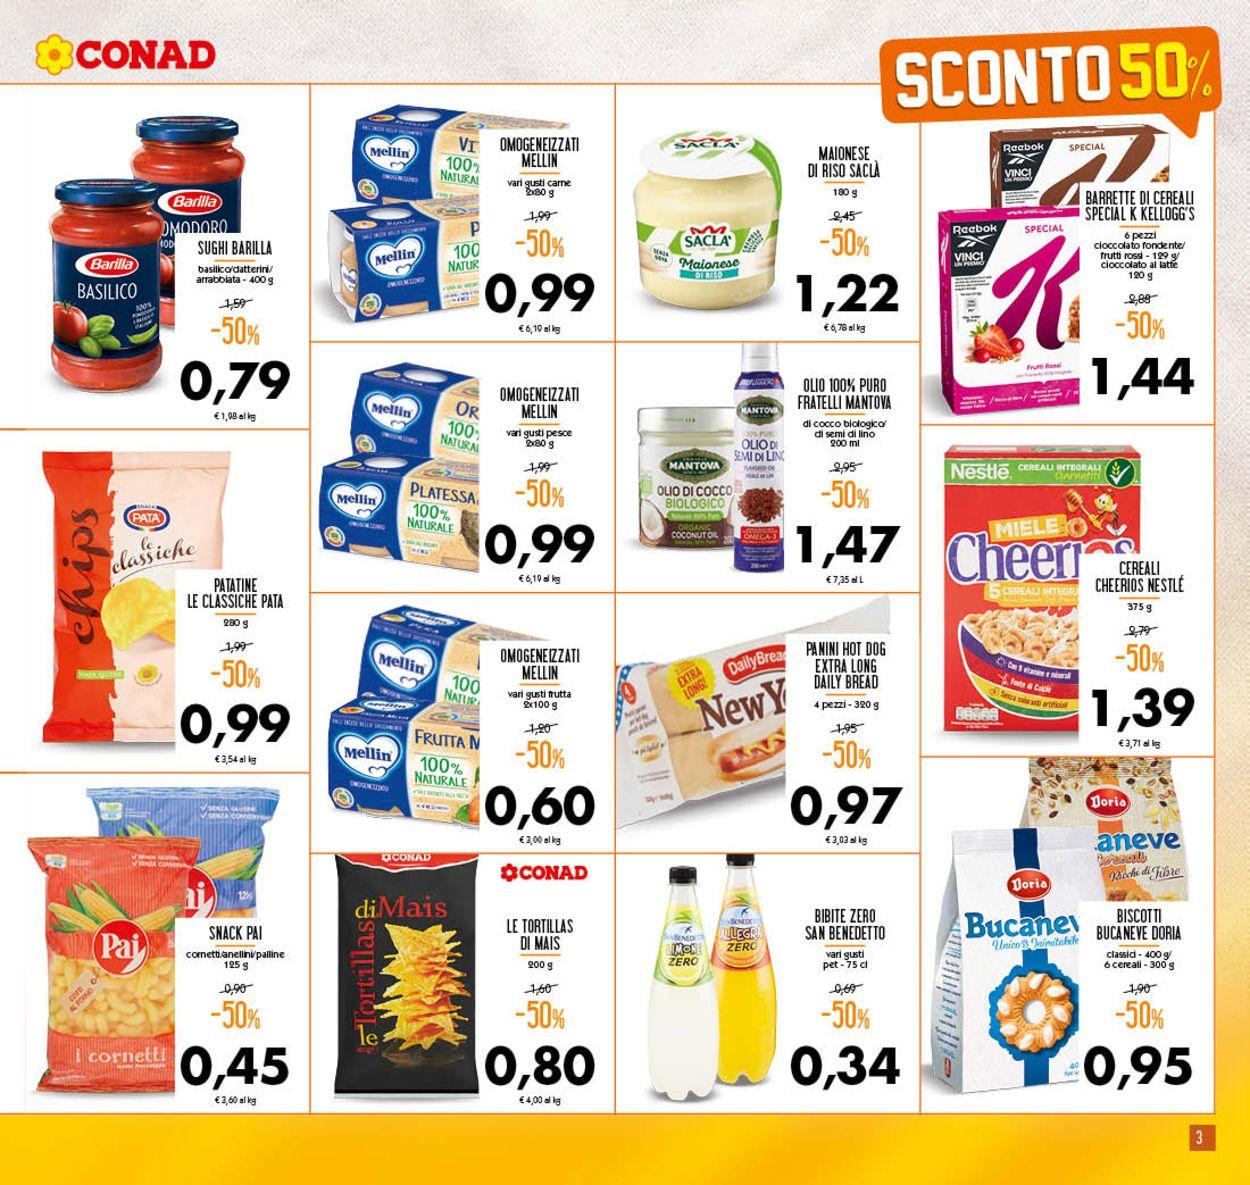 Volantino Conad - Offerte 19/08-30/08/2020 (Pagina 3)